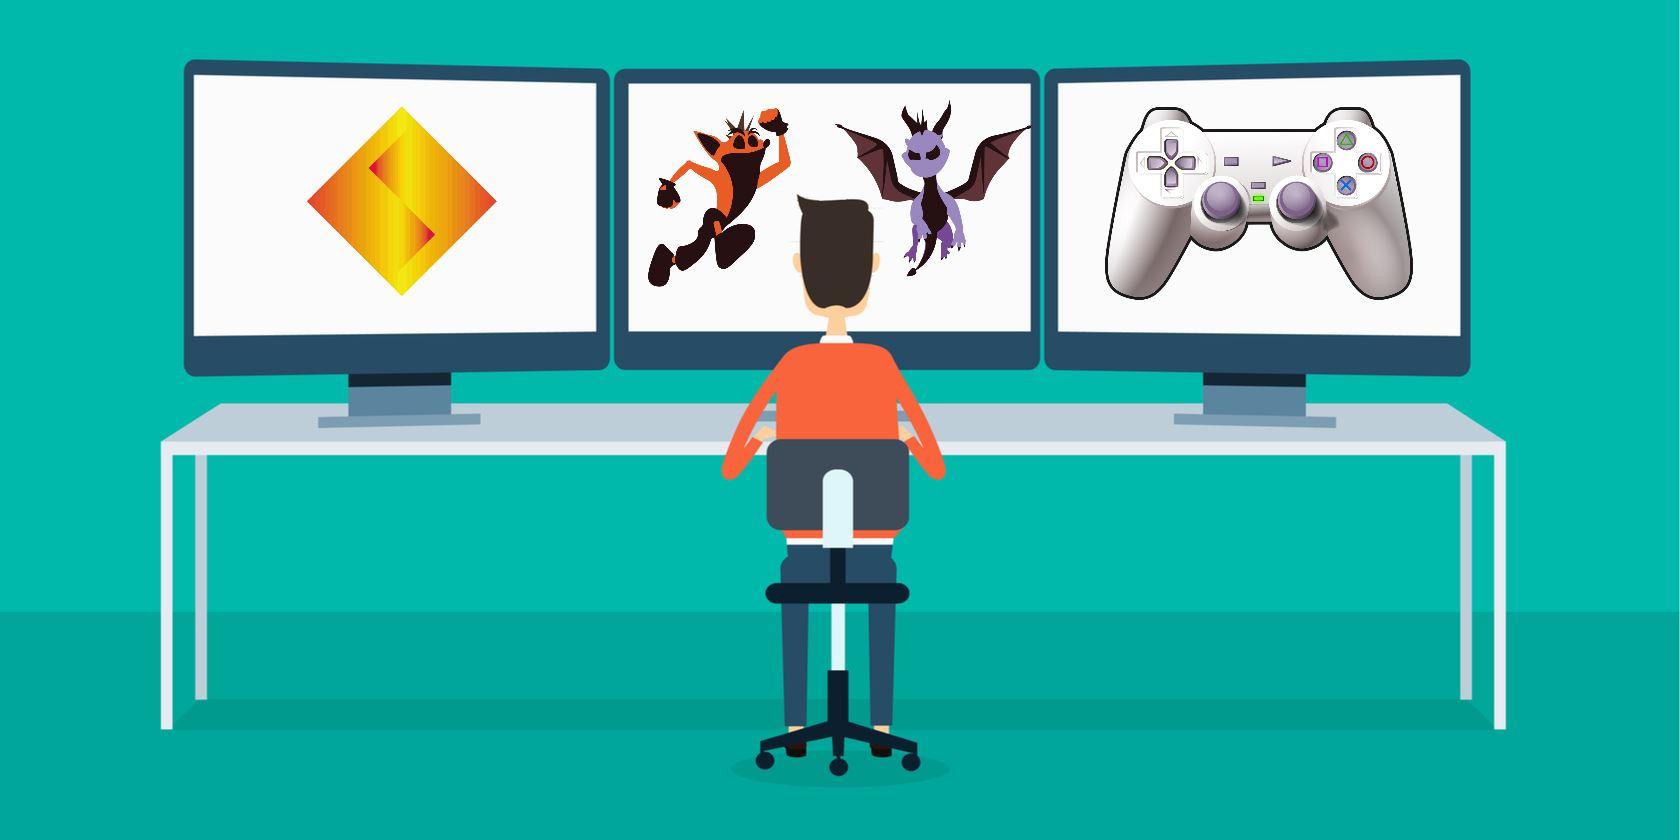 Как оптимизировать Windows 10 для онлайн-игр